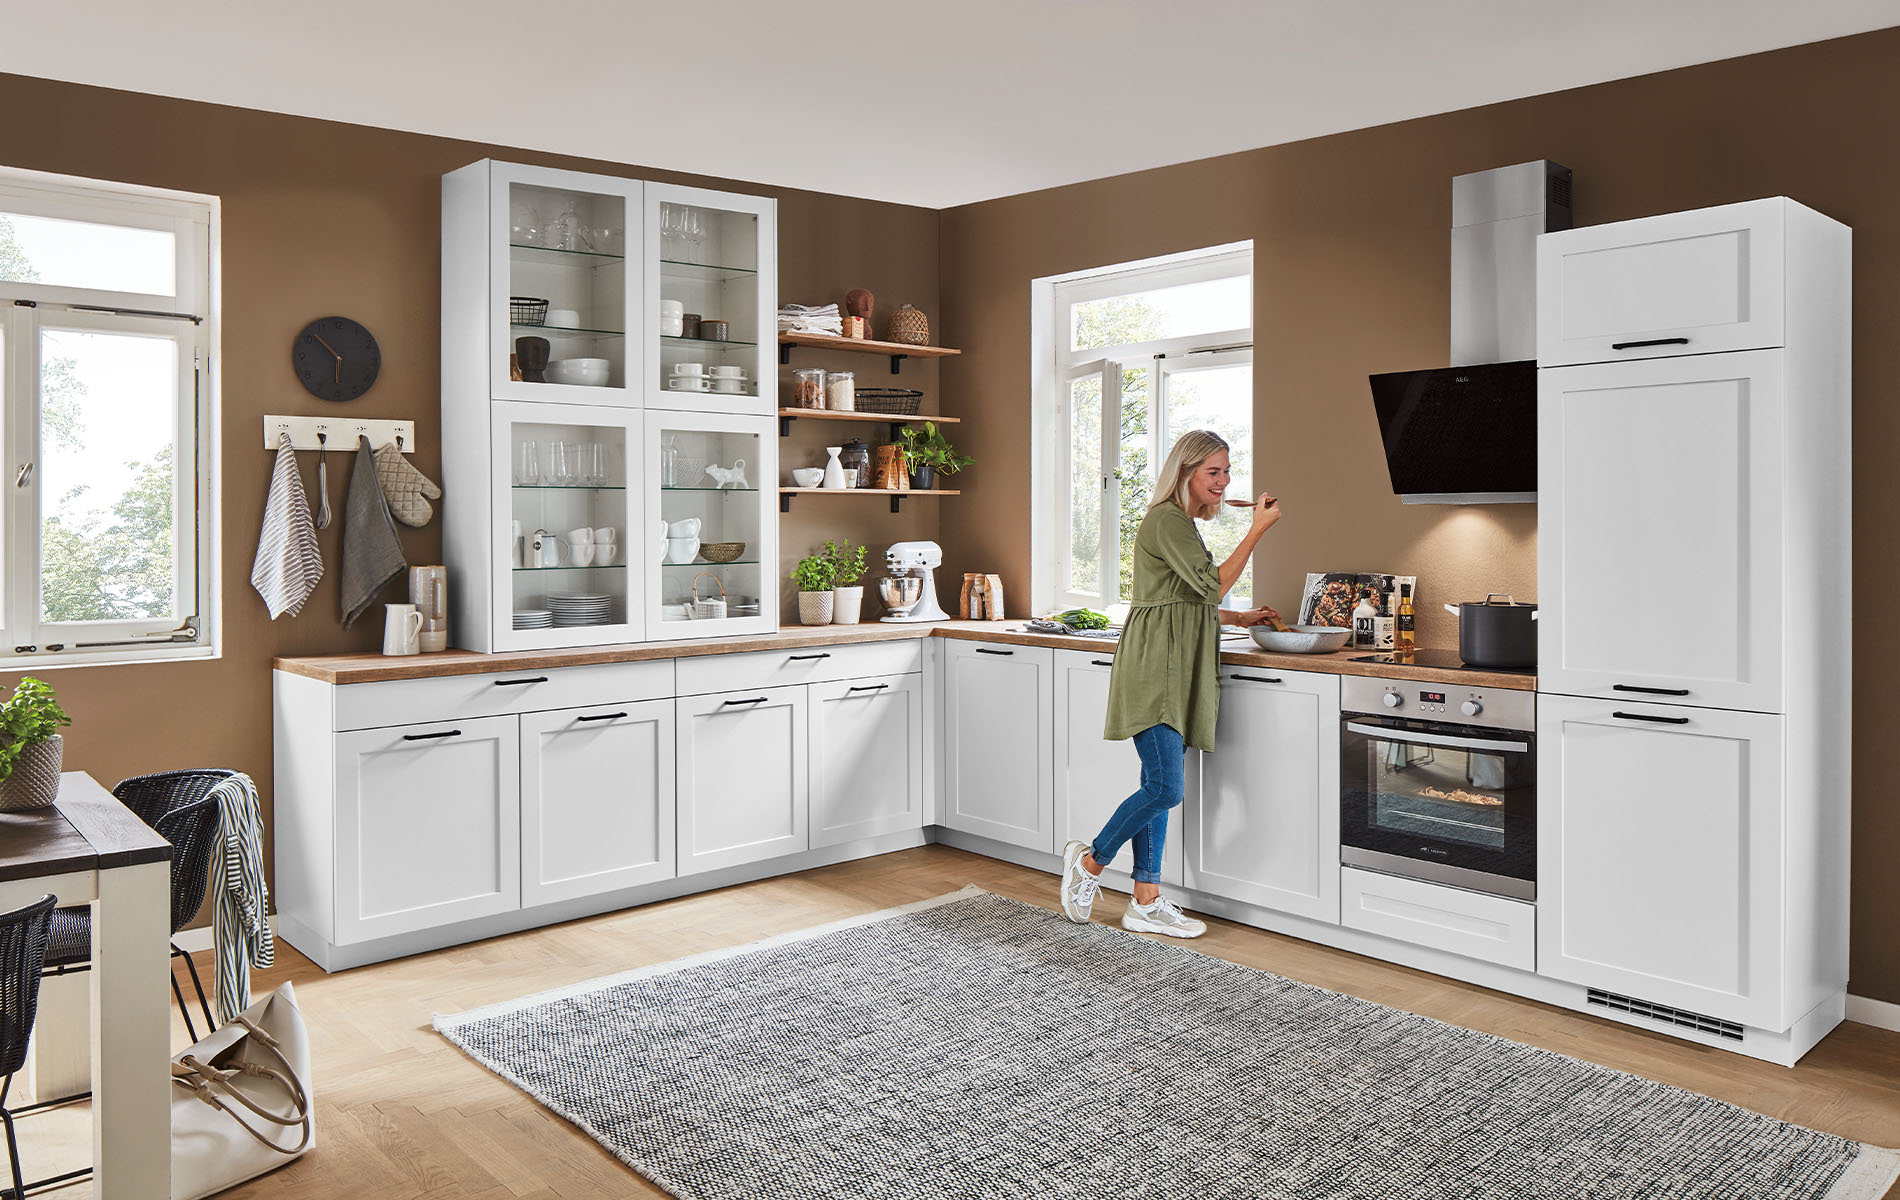 Nobilia-Einbauküche aus dem Programm Nordic